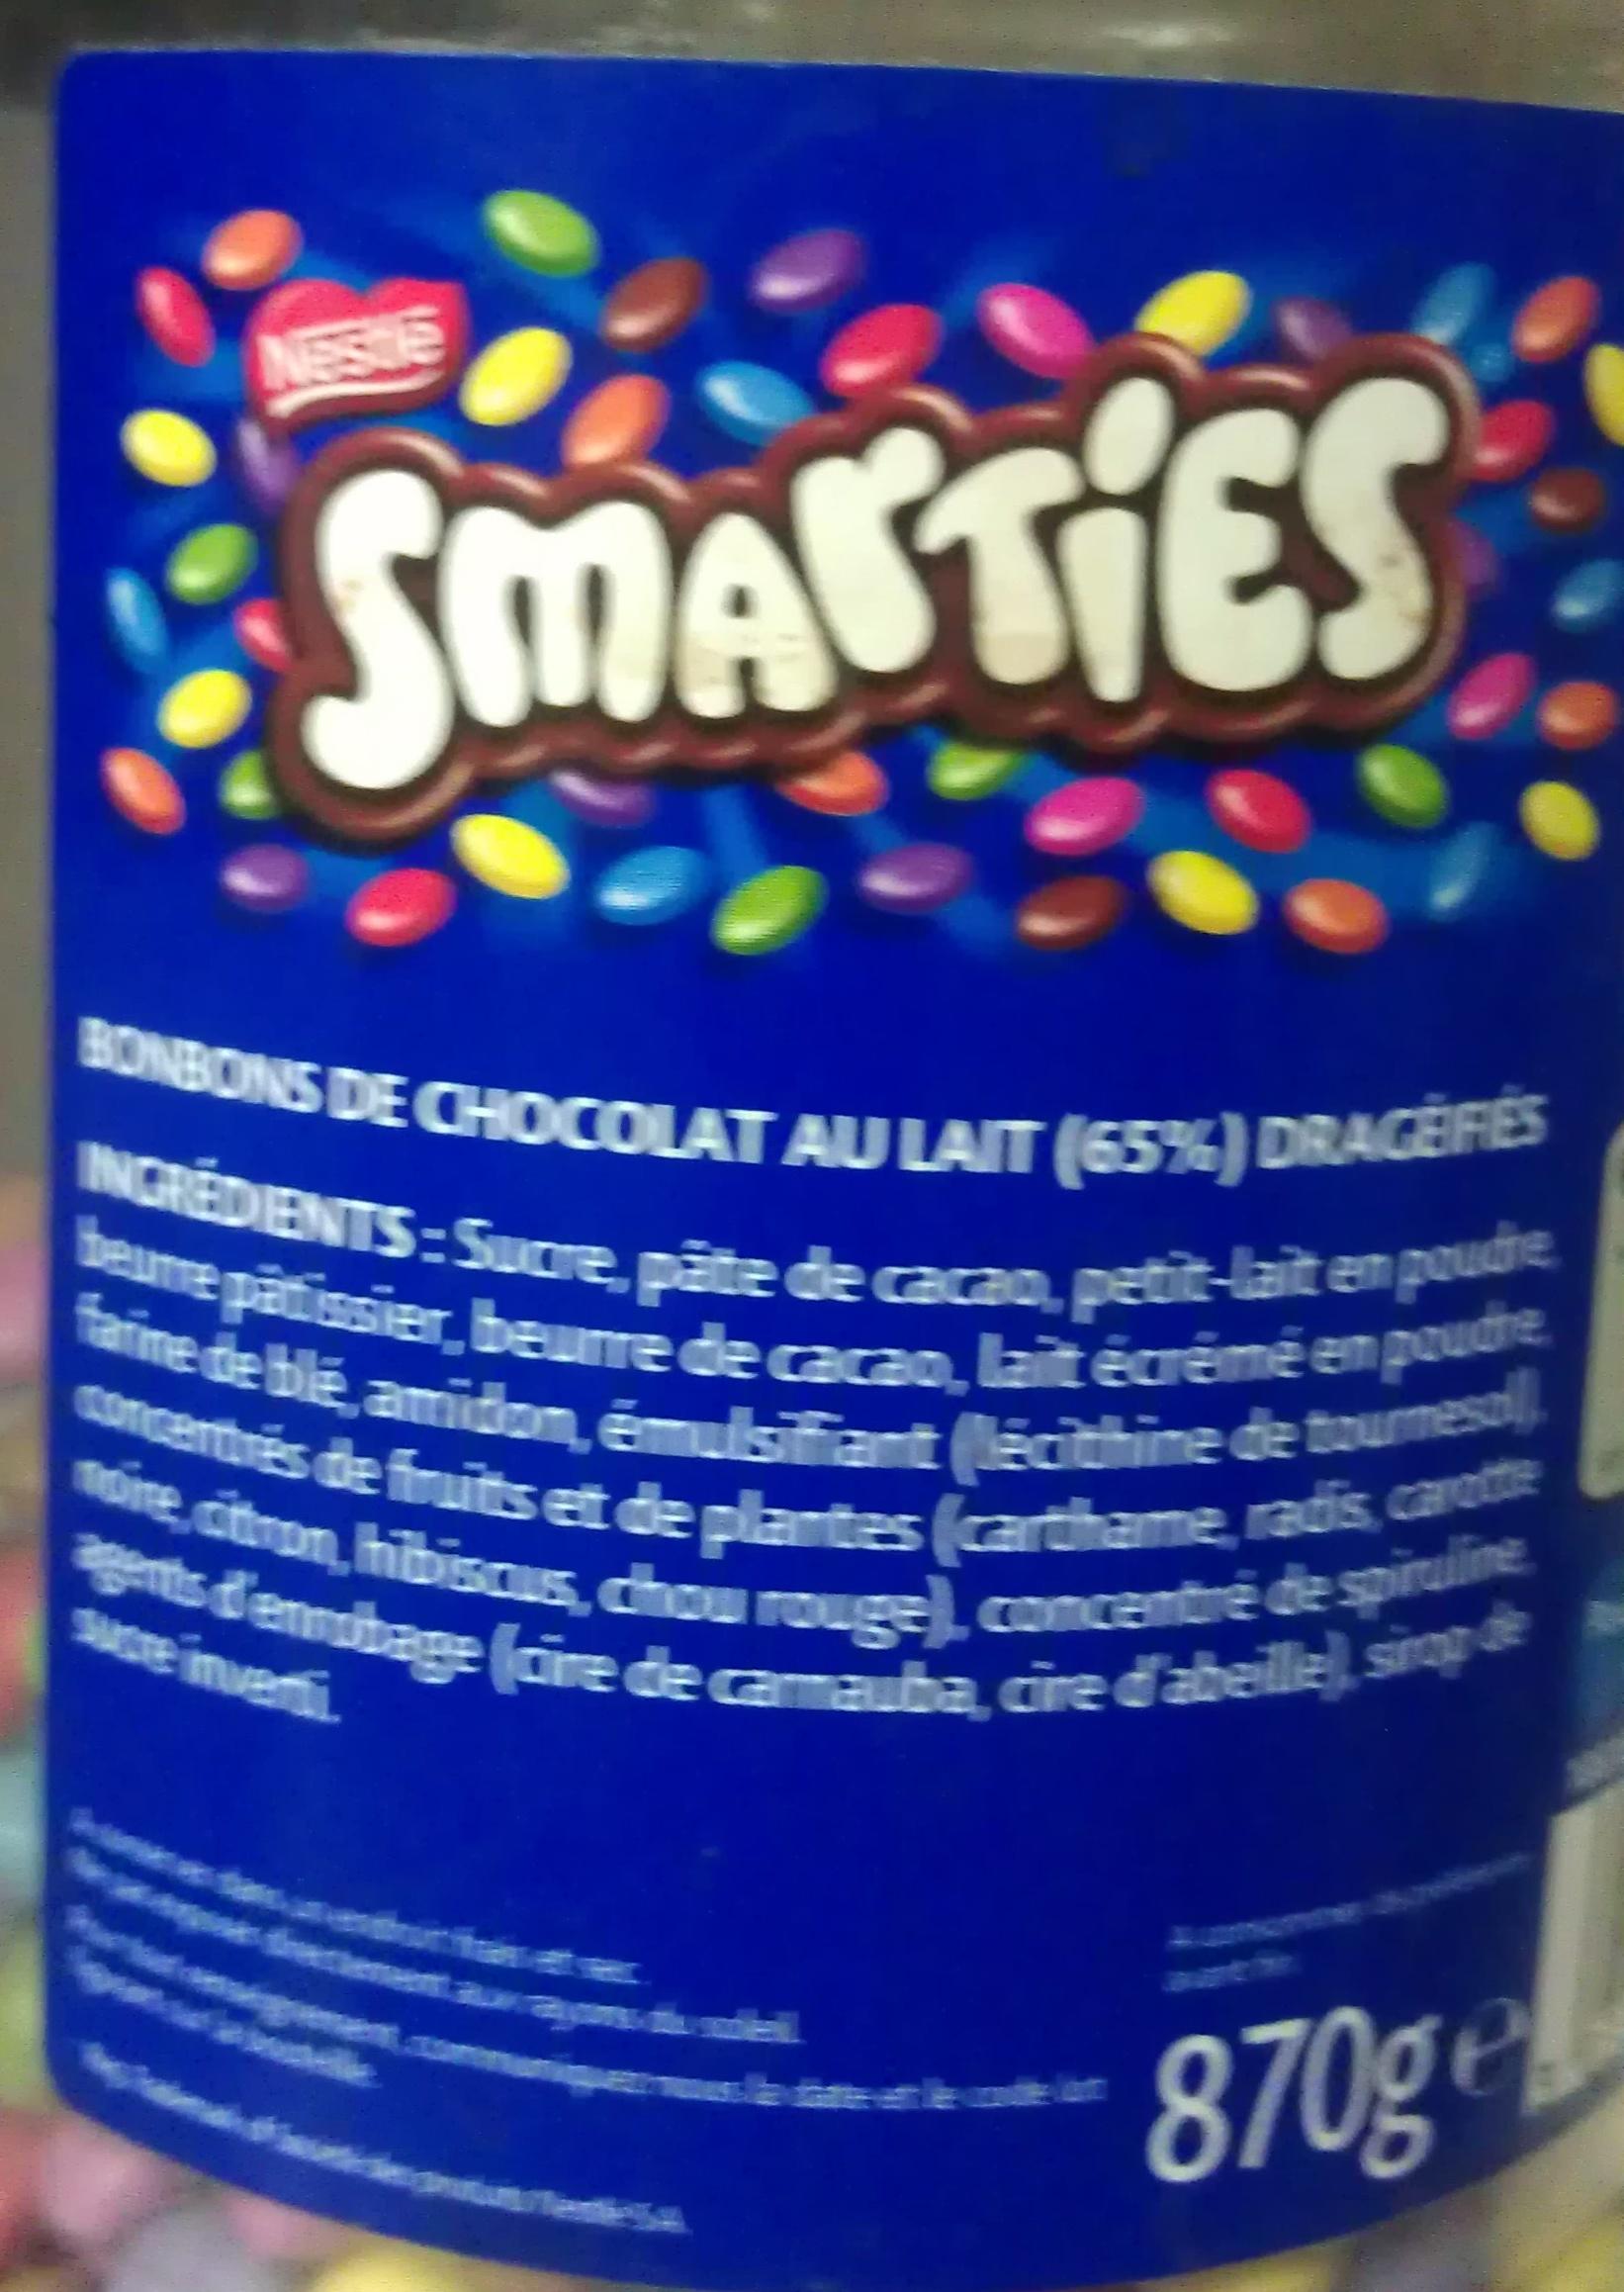 smarties ingredients Smarties Ingredients